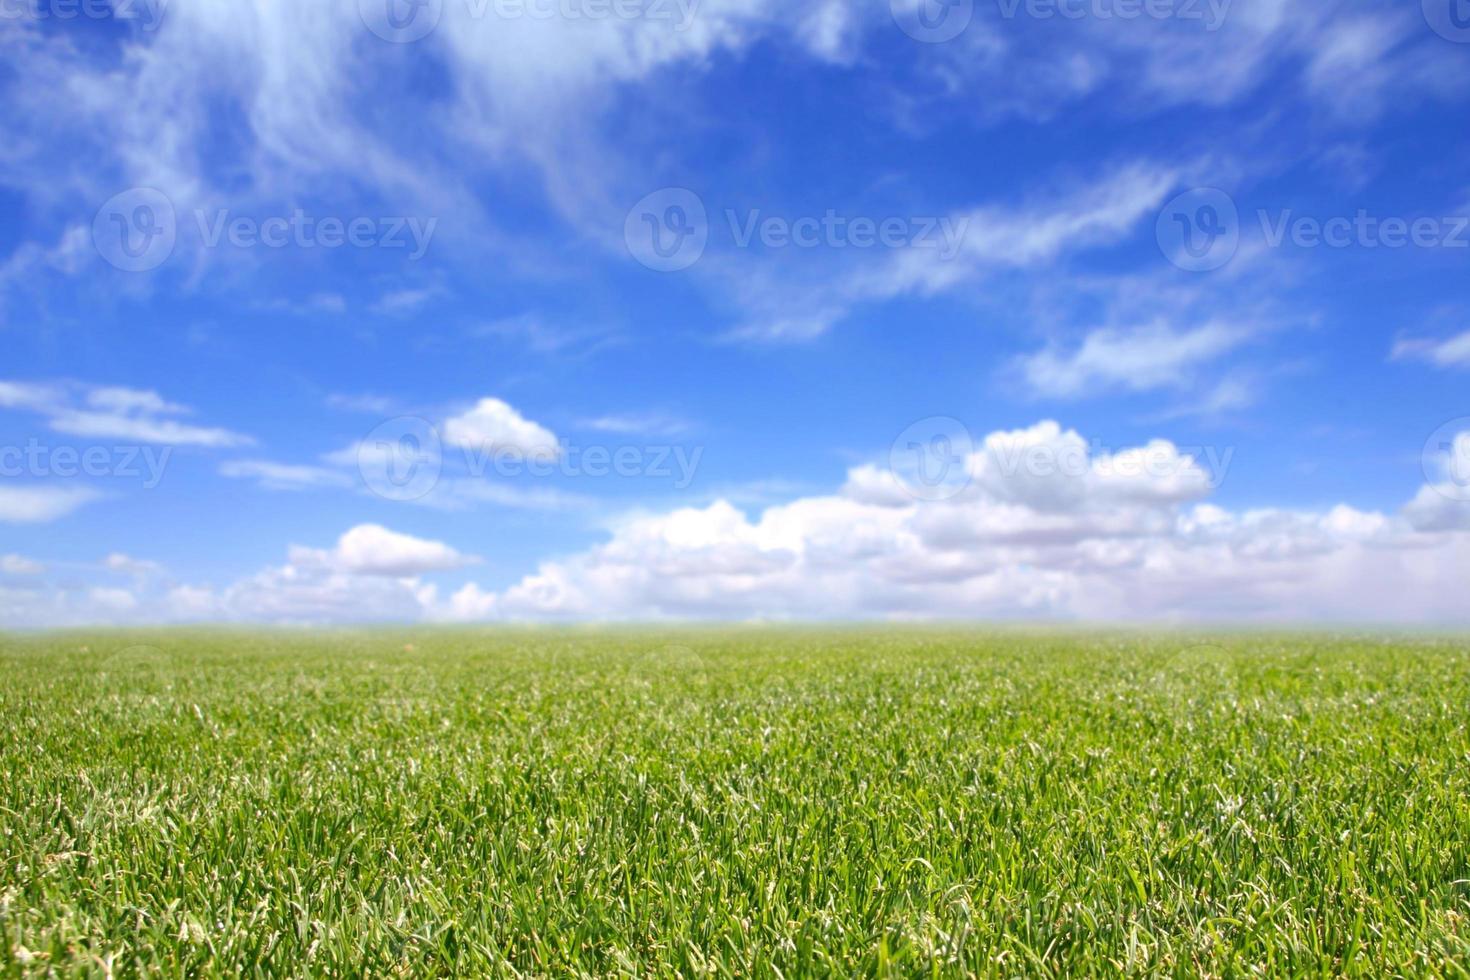 schönes Feld mit grünem Gras und blauem bewölktem Himmel foto